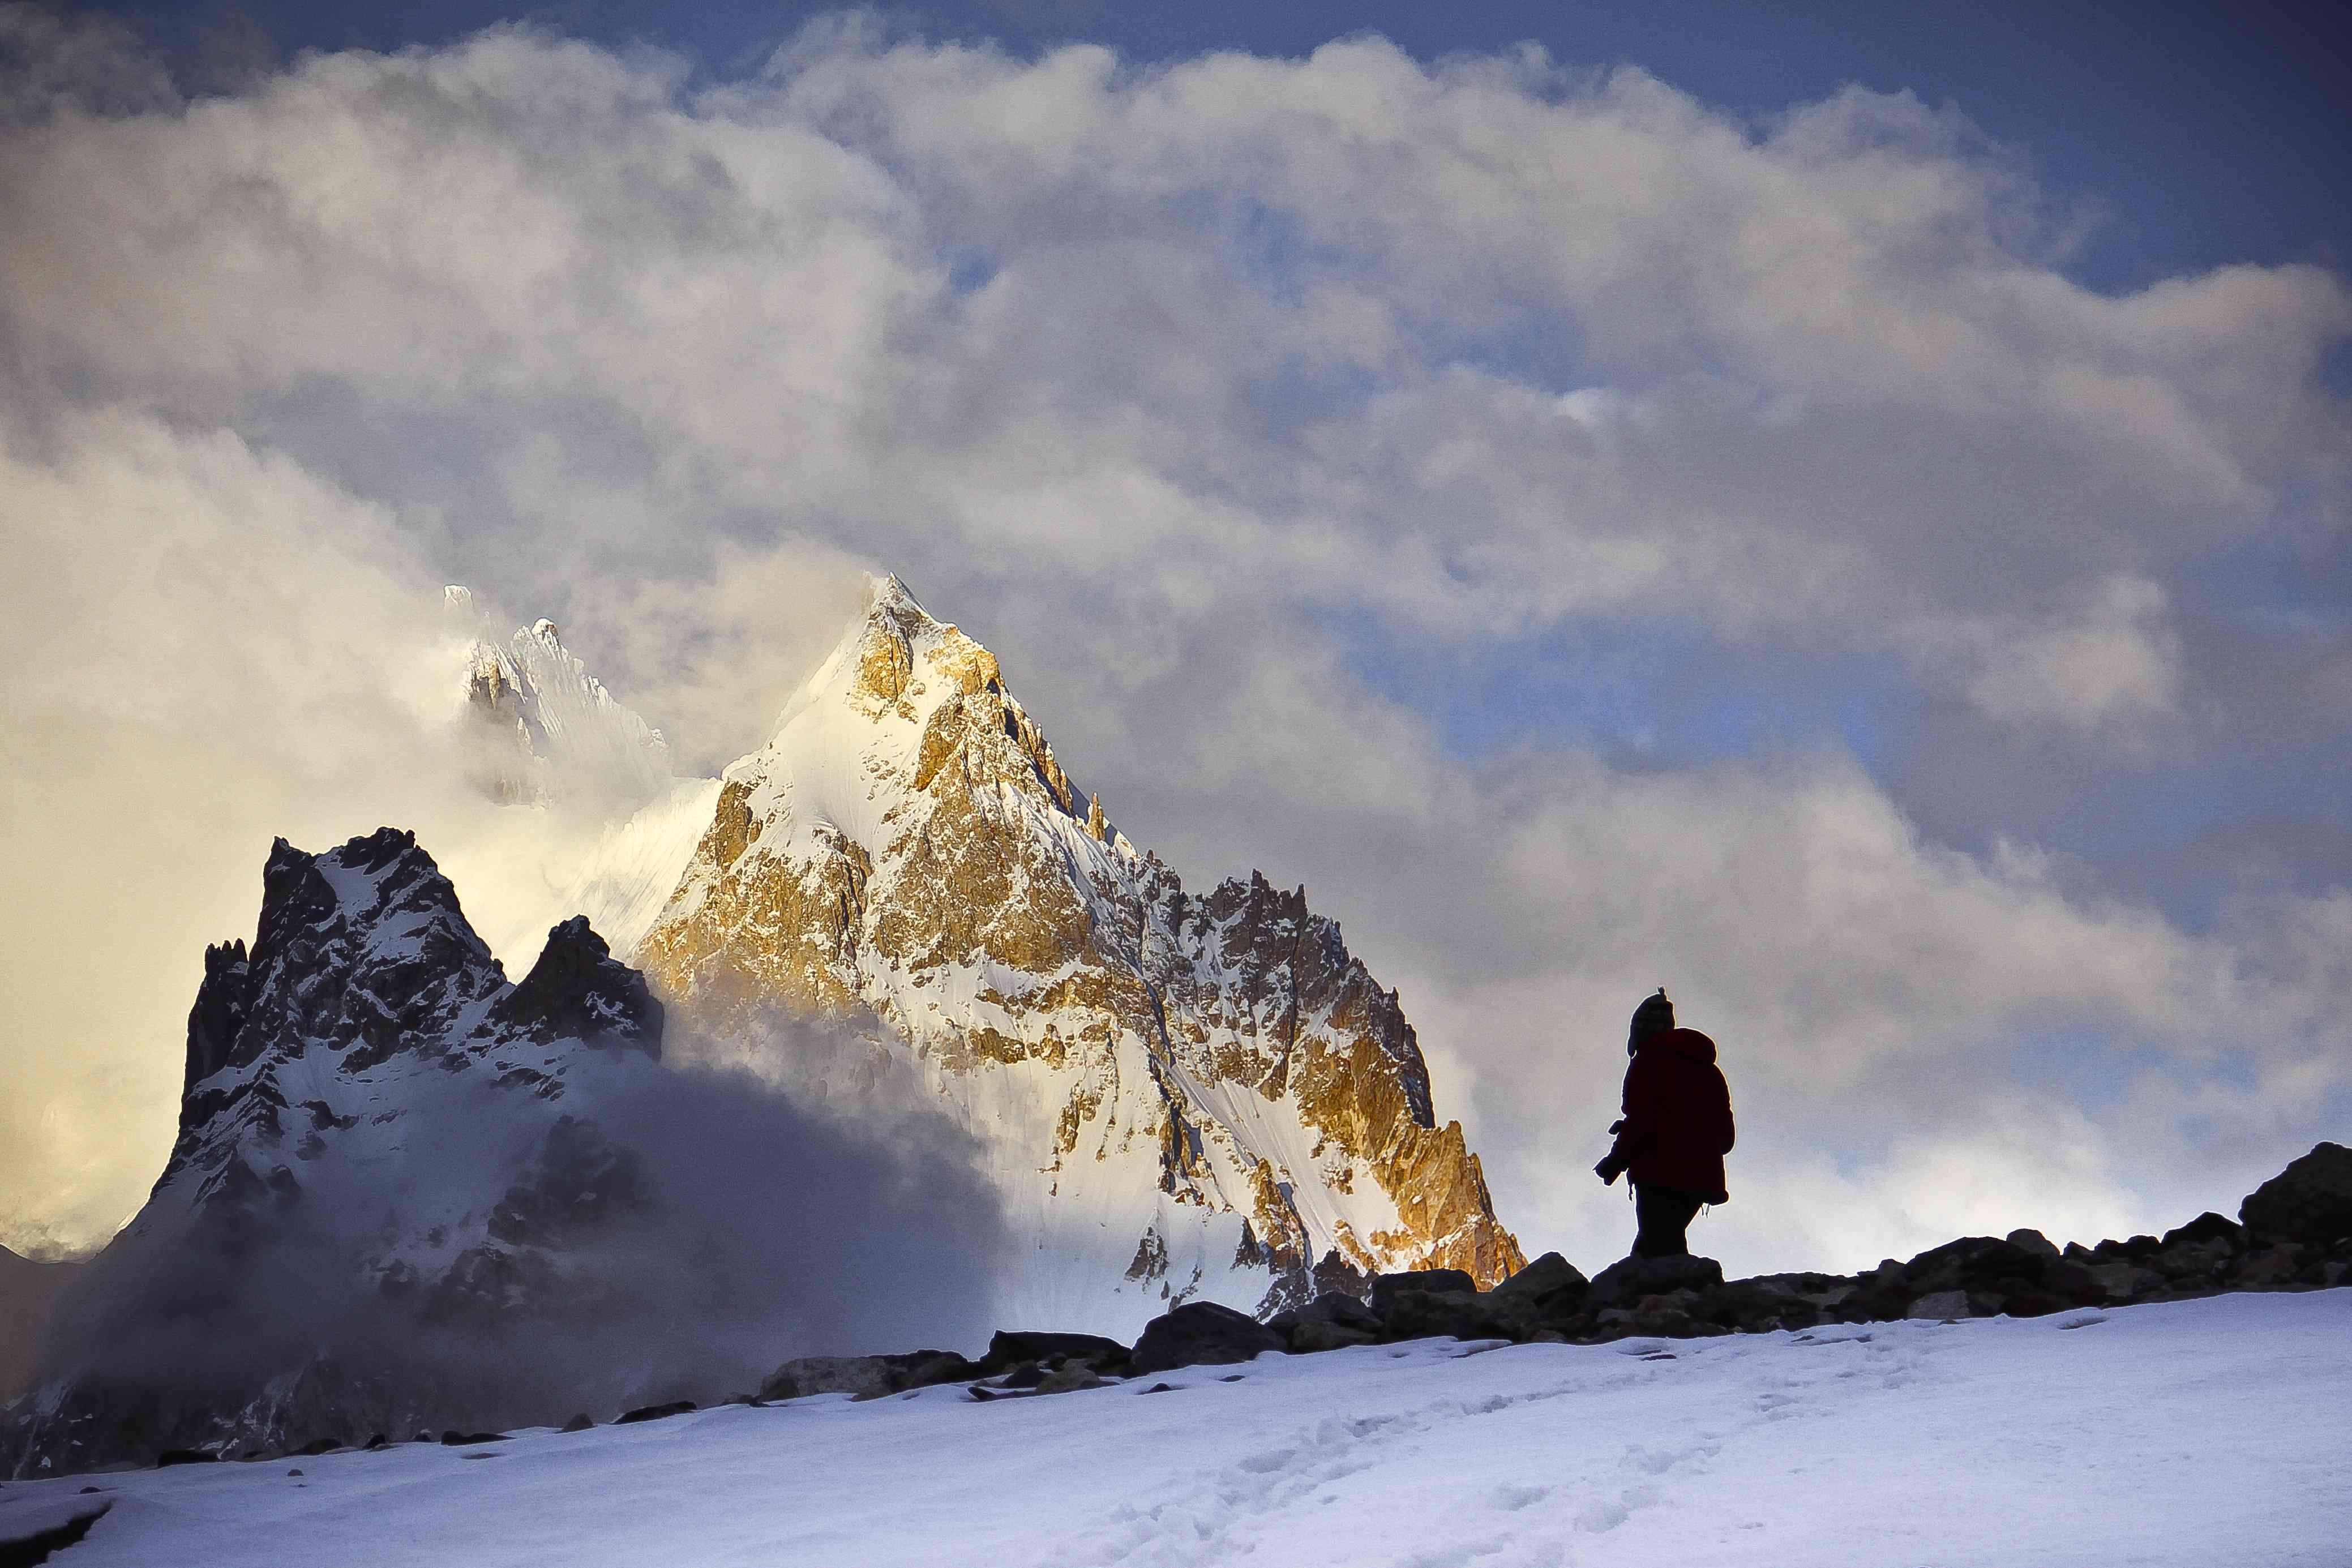 Gasherbrum peaks in Pakistan